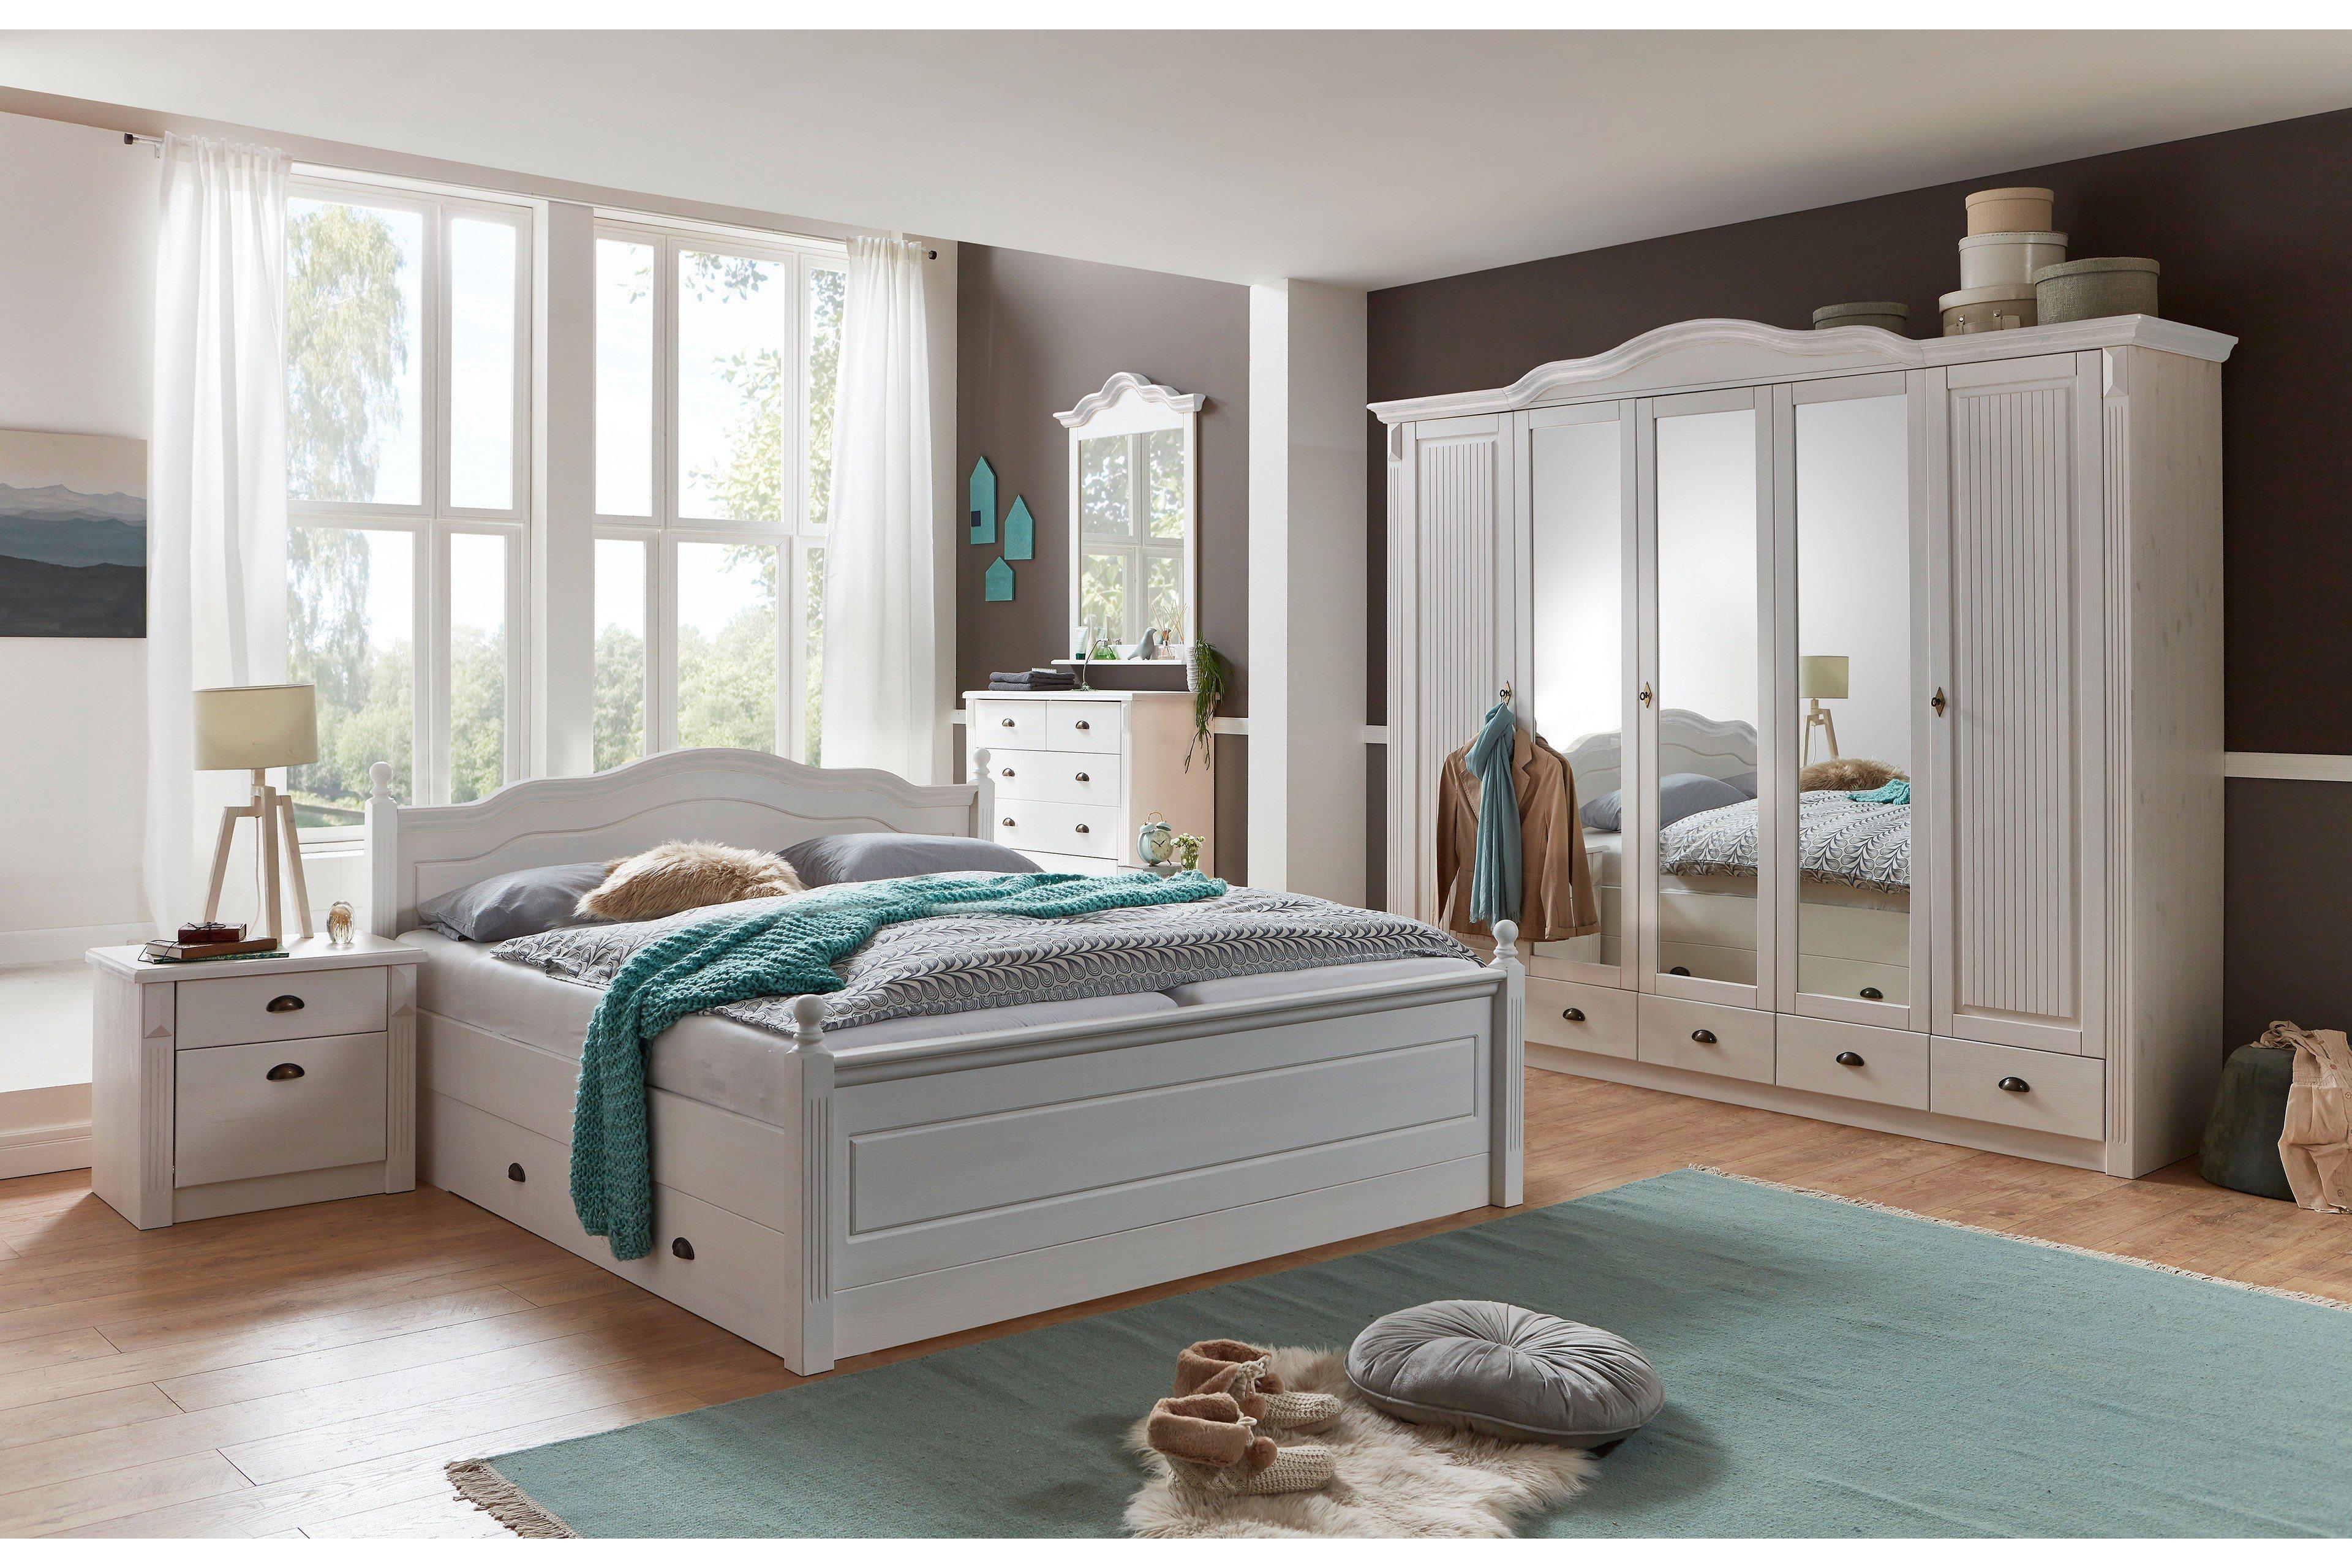 Pure Natur Schlafzimmer Kiefer weiß | Möbel Letz - Ihr Online-Shop